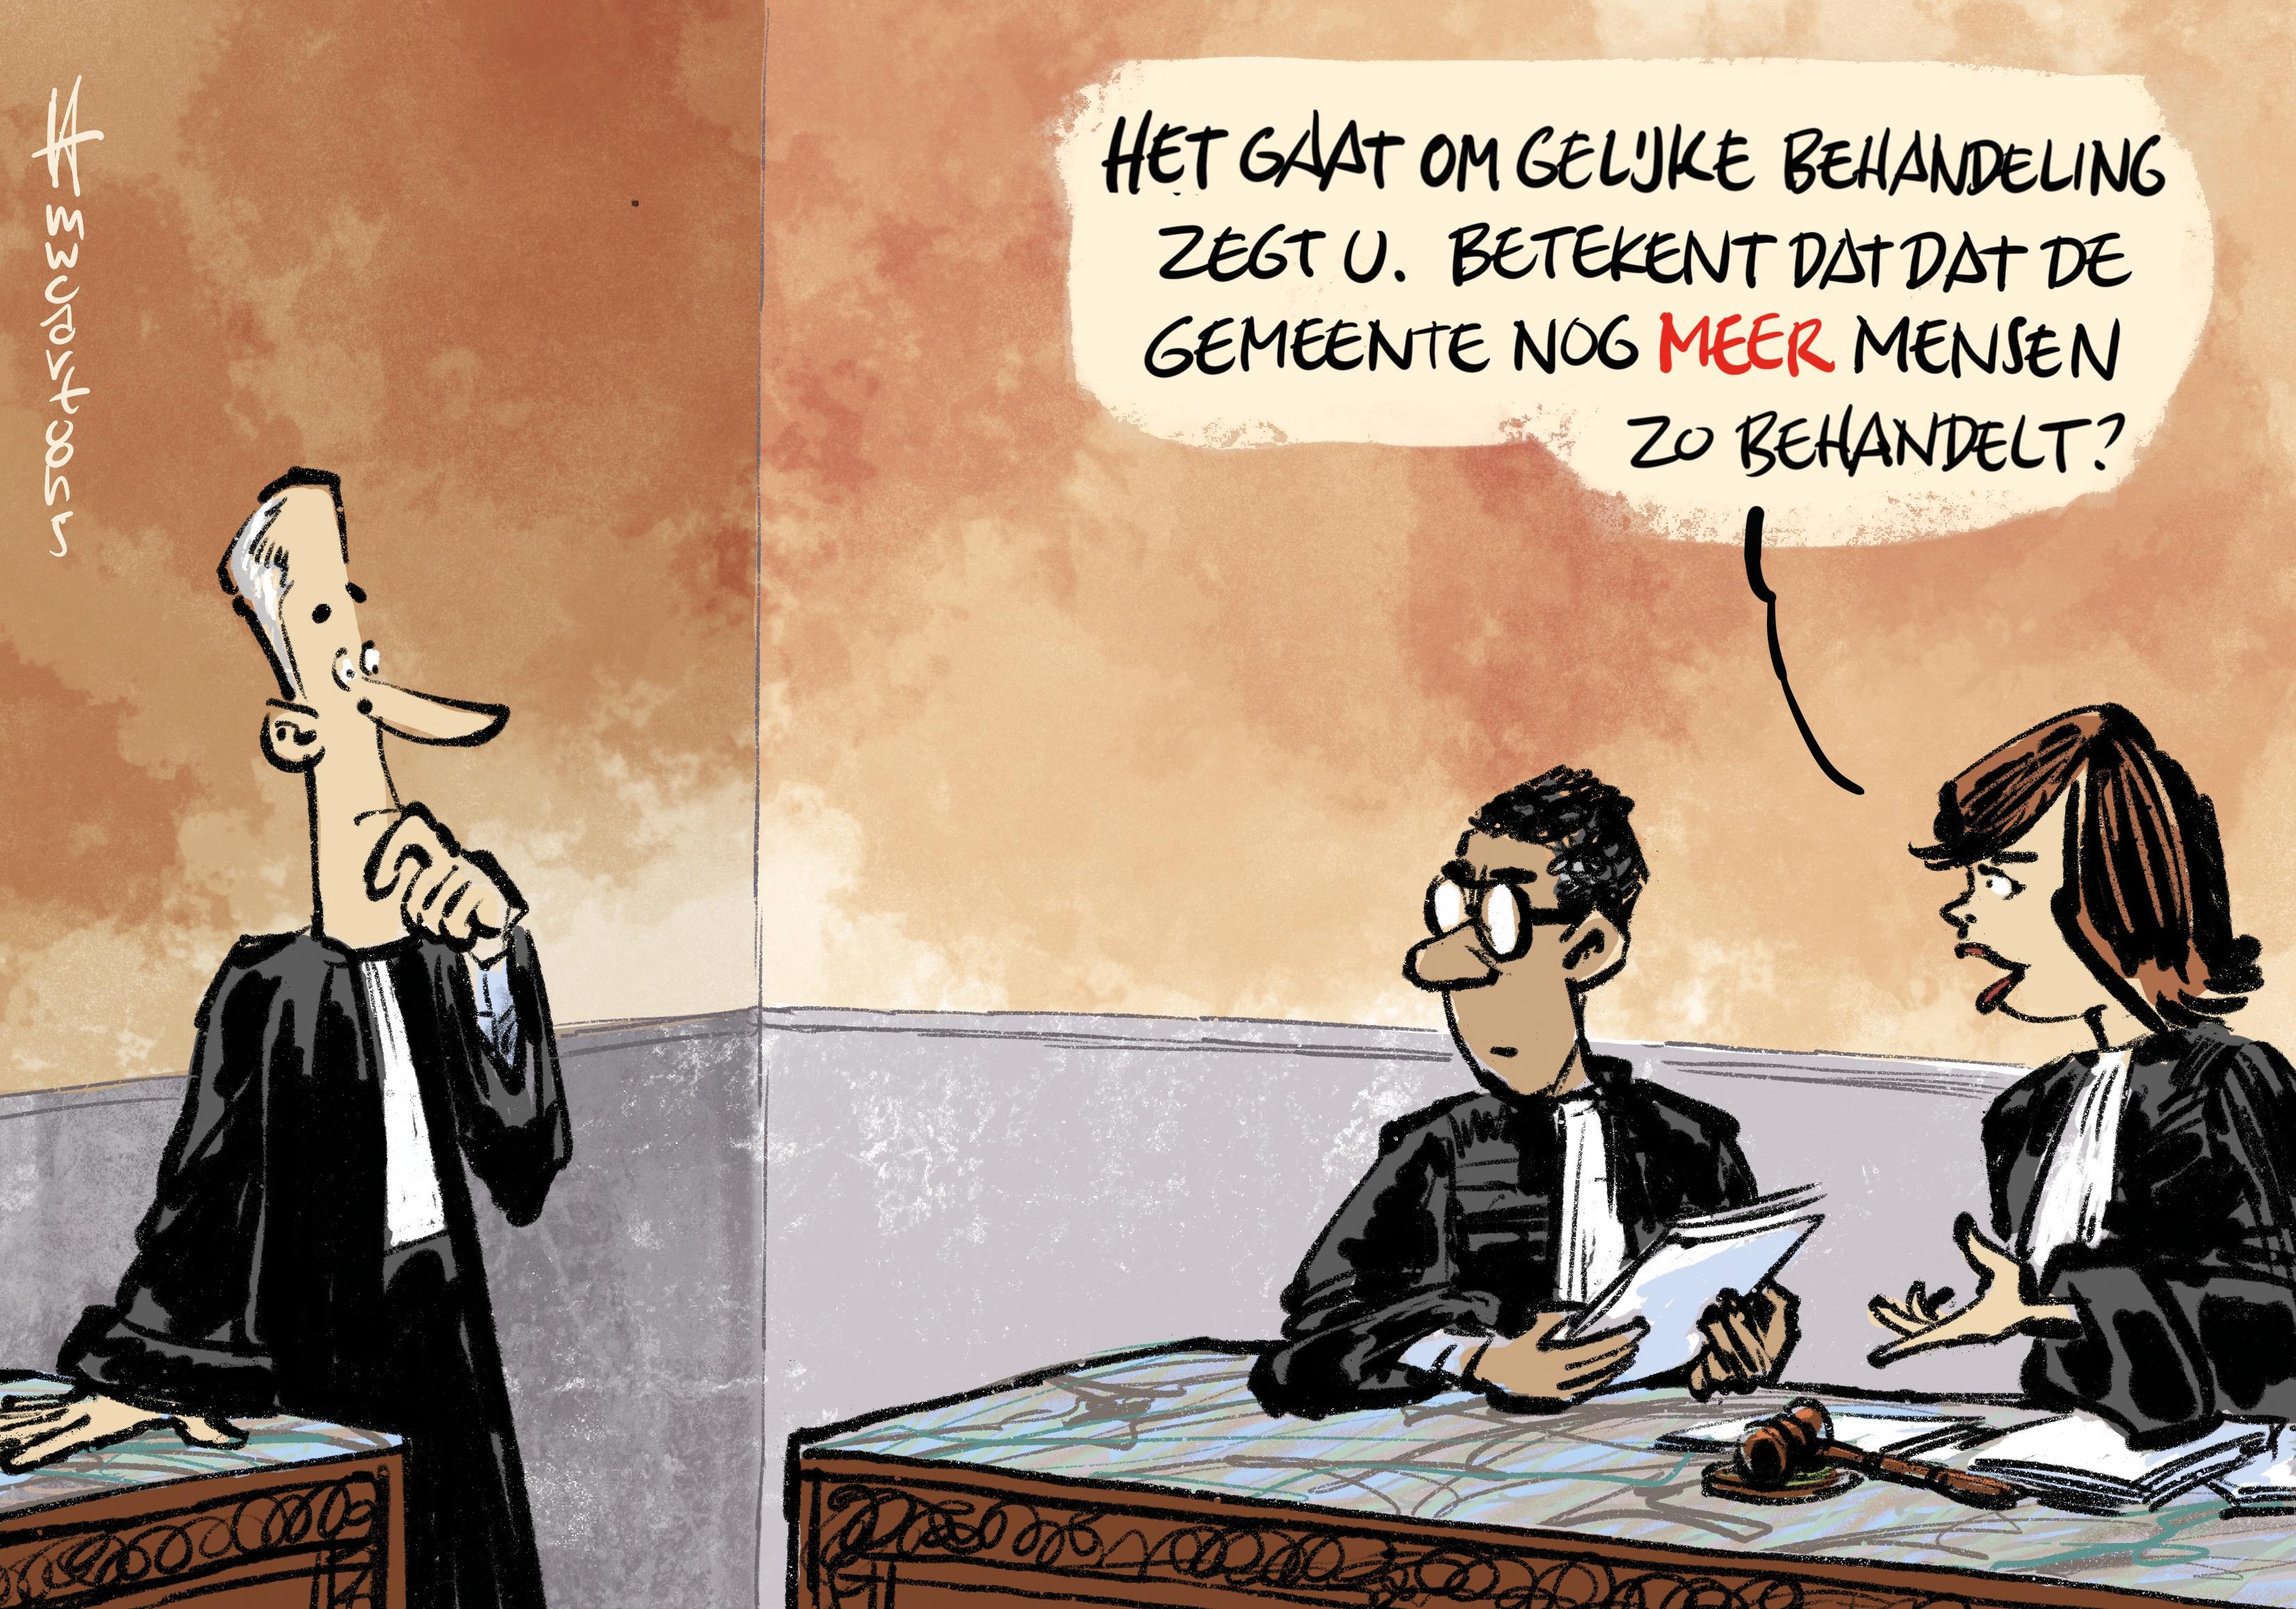 Gemeente Heemstede accepteert vonnis kantonrechter over parkeerboete van 67 euro niet